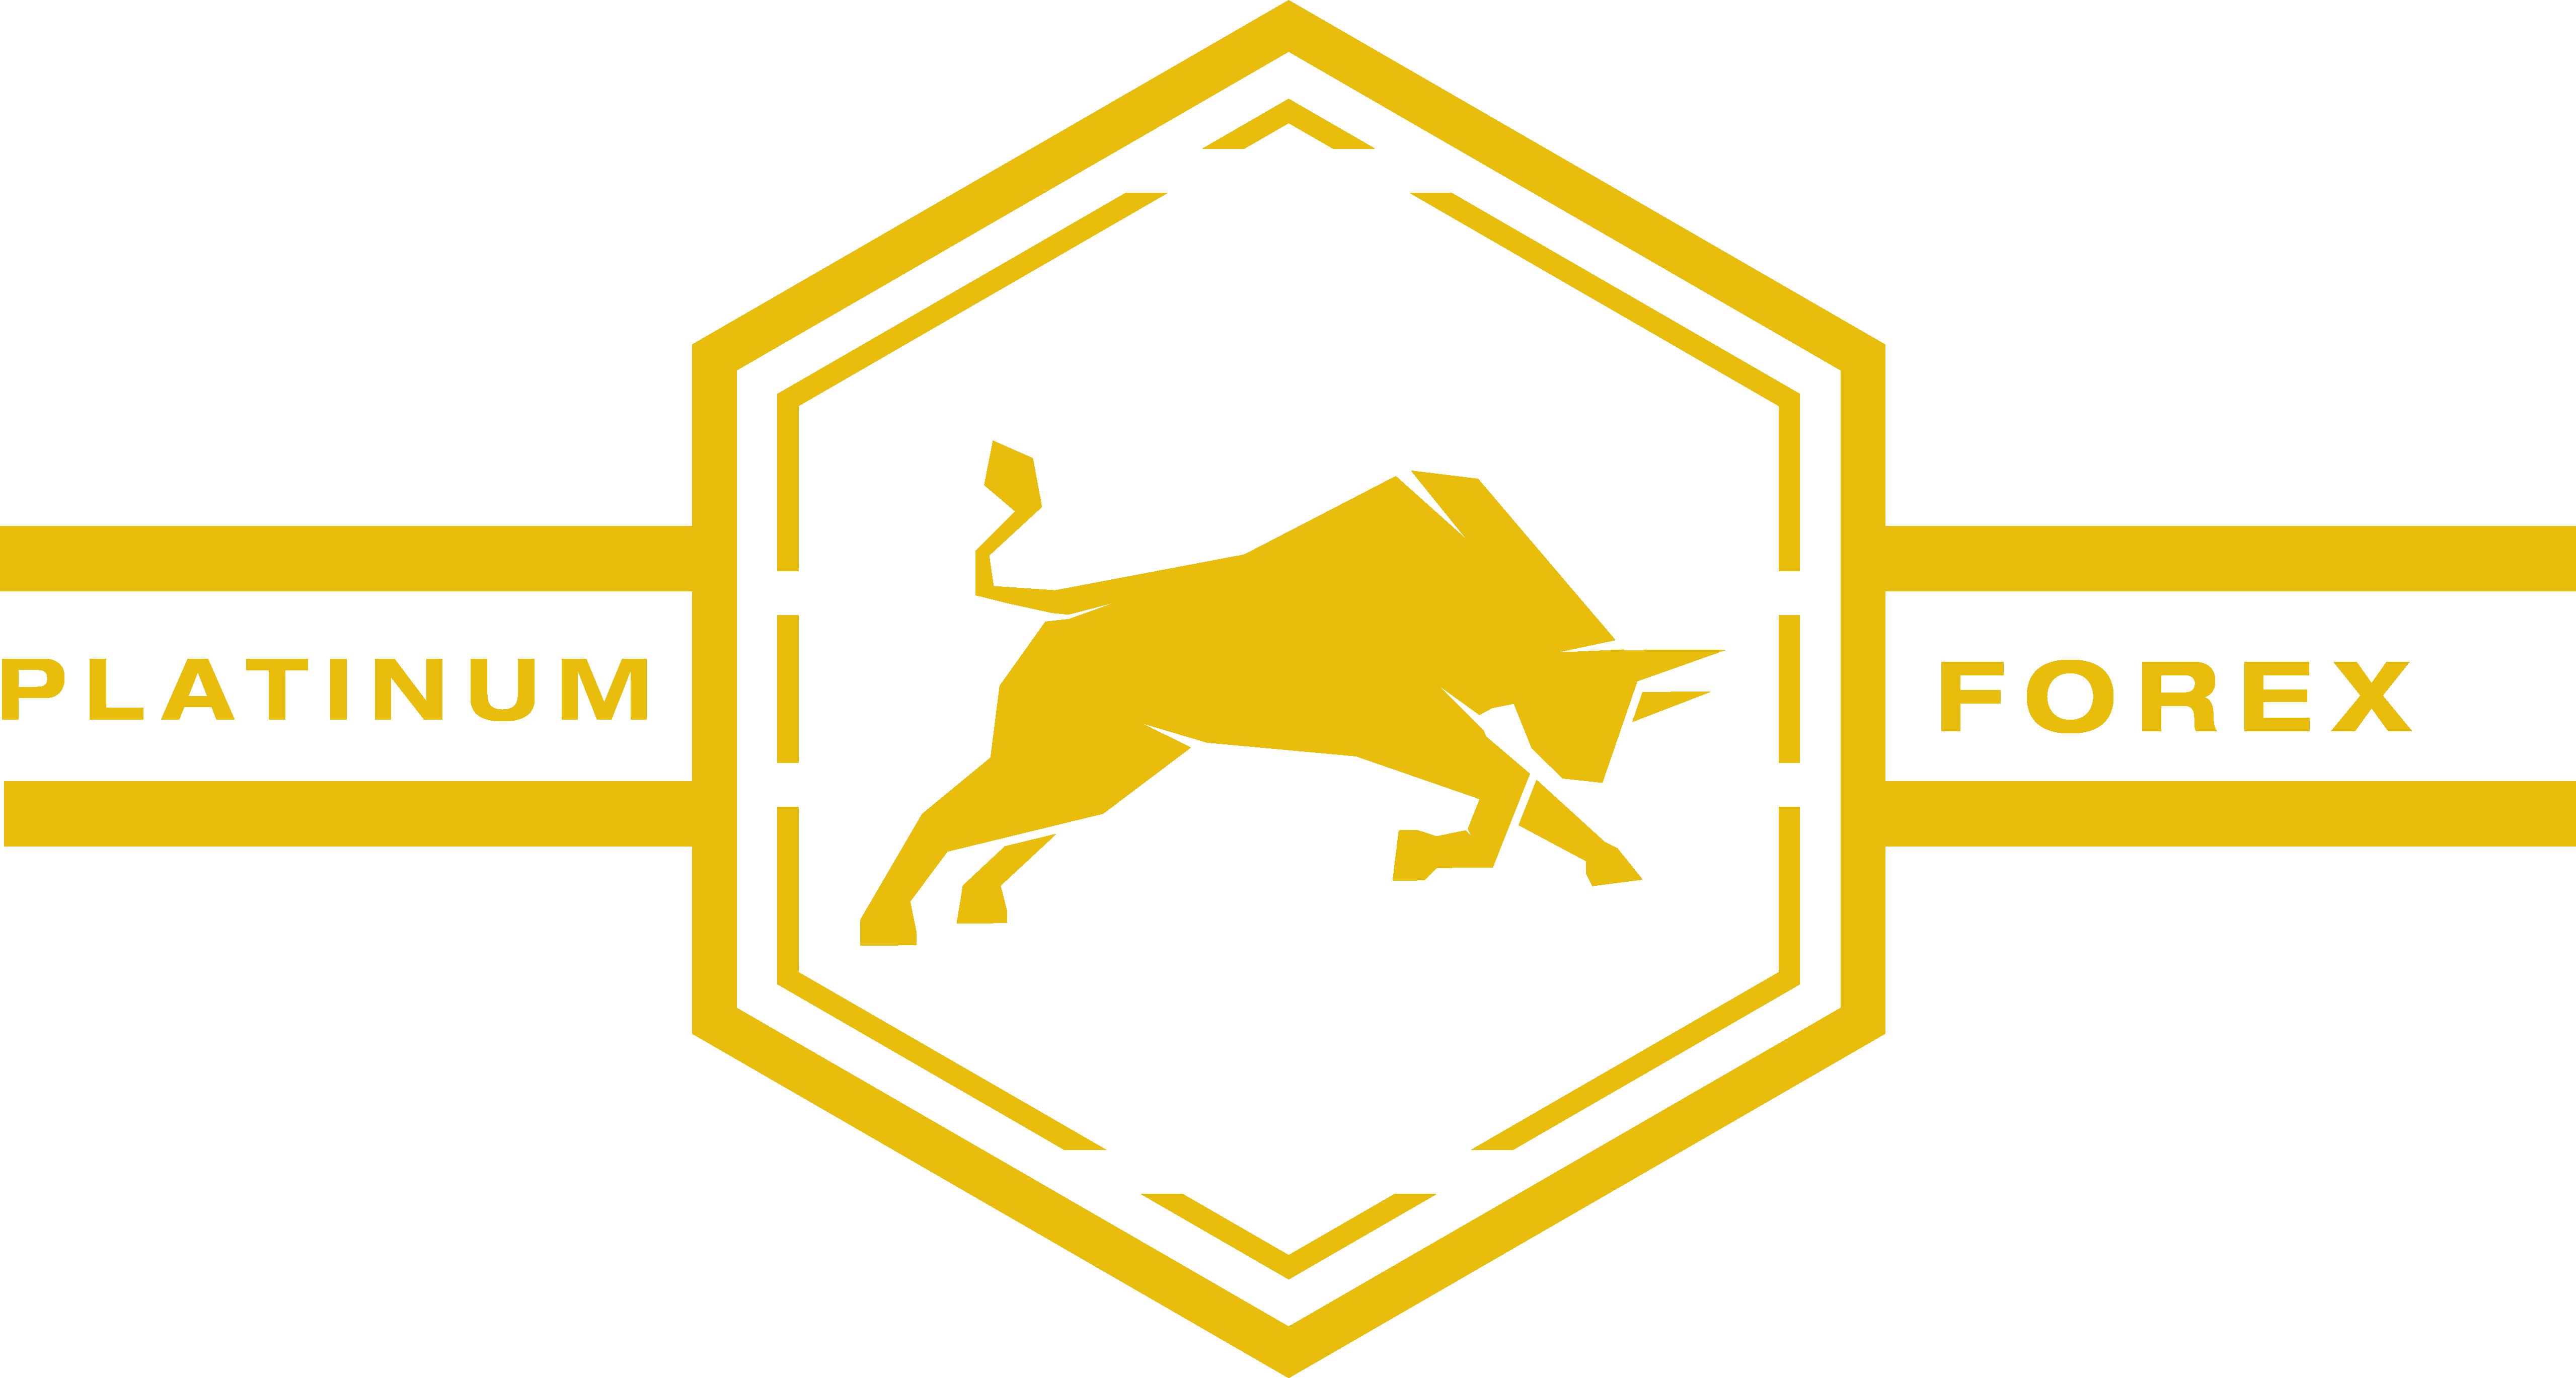 Platinum forex